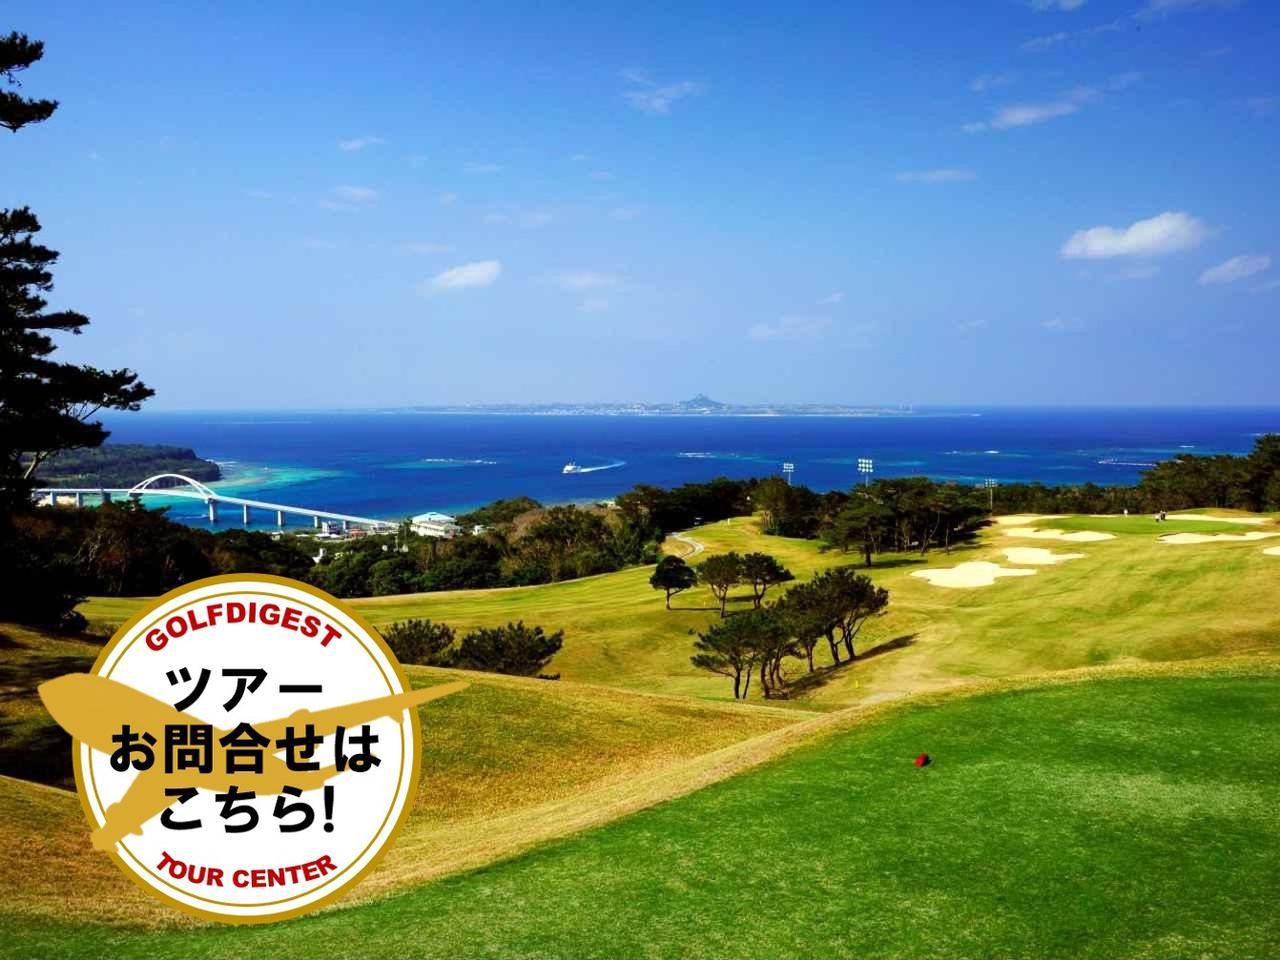 画像: 【沖縄・リゾートゴルフパック】JALで行く!ベルビーチGC&かねひで喜瀬CC 3日間(名護エリア宿泊)